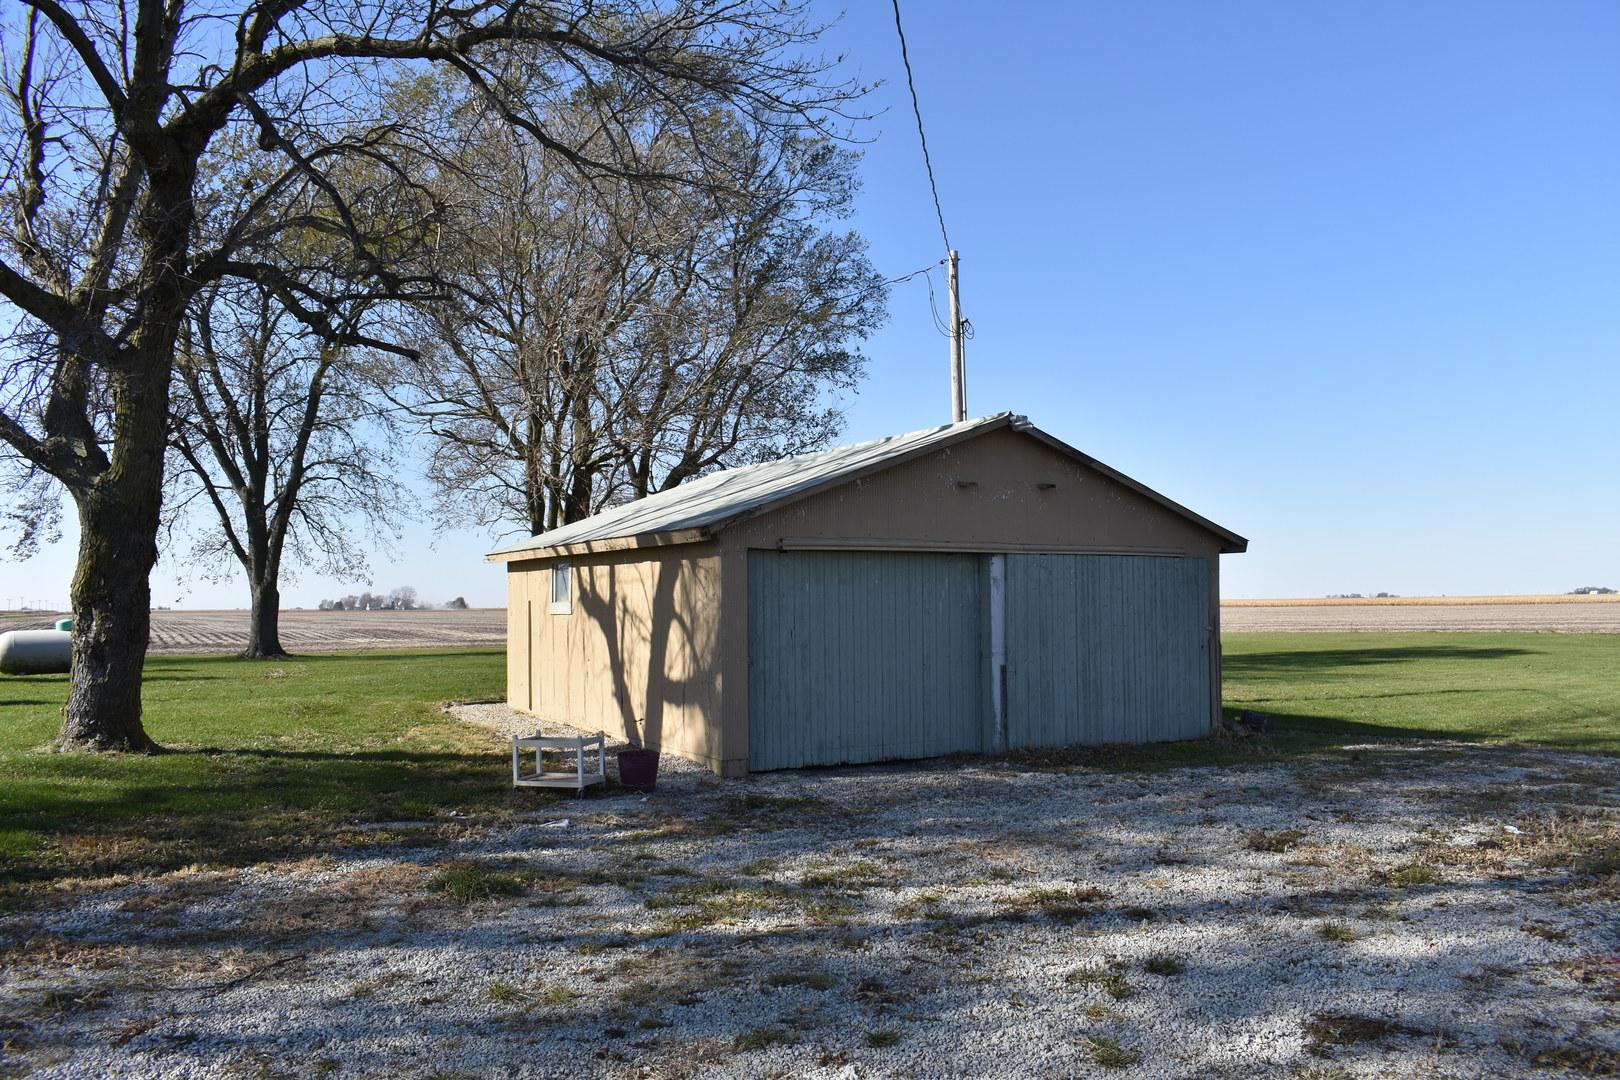 488 East 2100 North, Danforth, Illinois, 60930